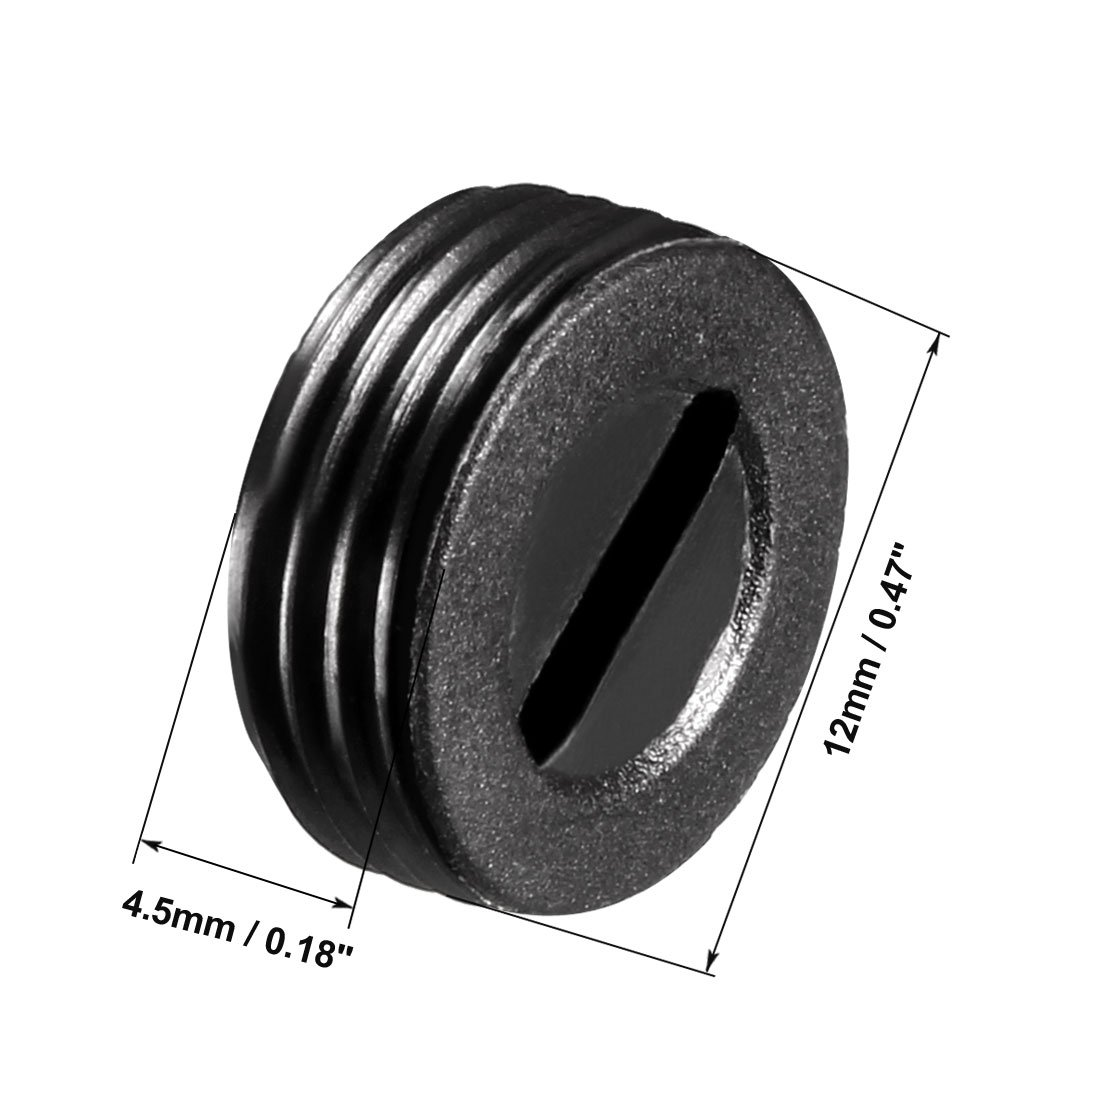 Grosor del motor de 9,5 mm Cubierta del cepillo del motor Rosca de montaje de pl/ástico Negro 2 piezas sourcing map Tapas de soporte de escobillas de carb/ón de 14 mm de di/ámetro exterior 6 mm I.D